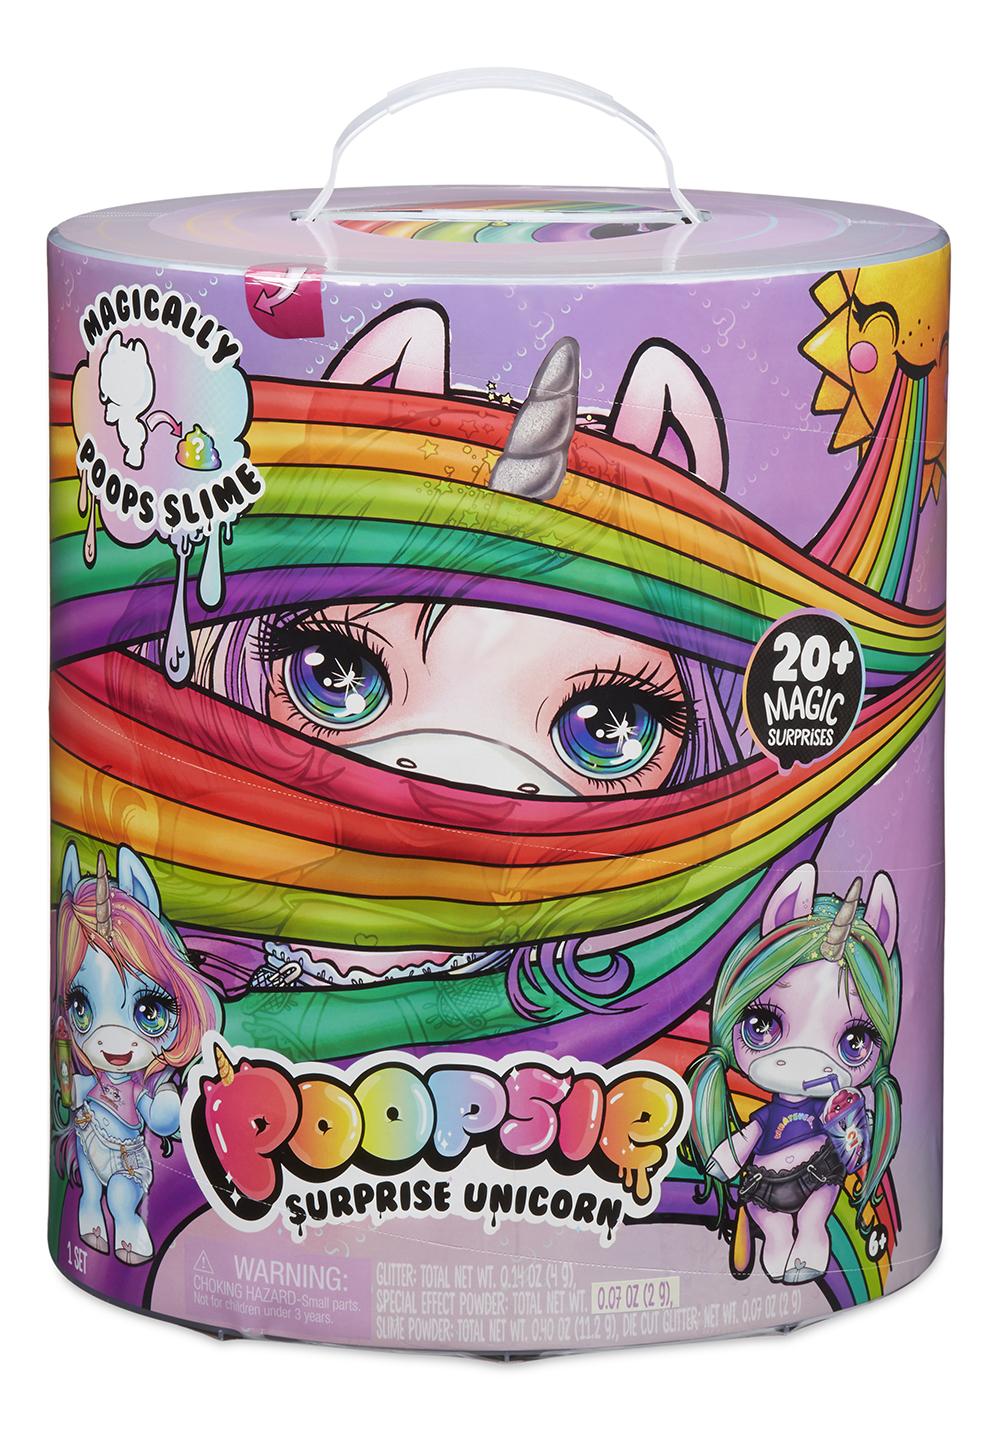 Poopsie - Surprise Unicorn assorties